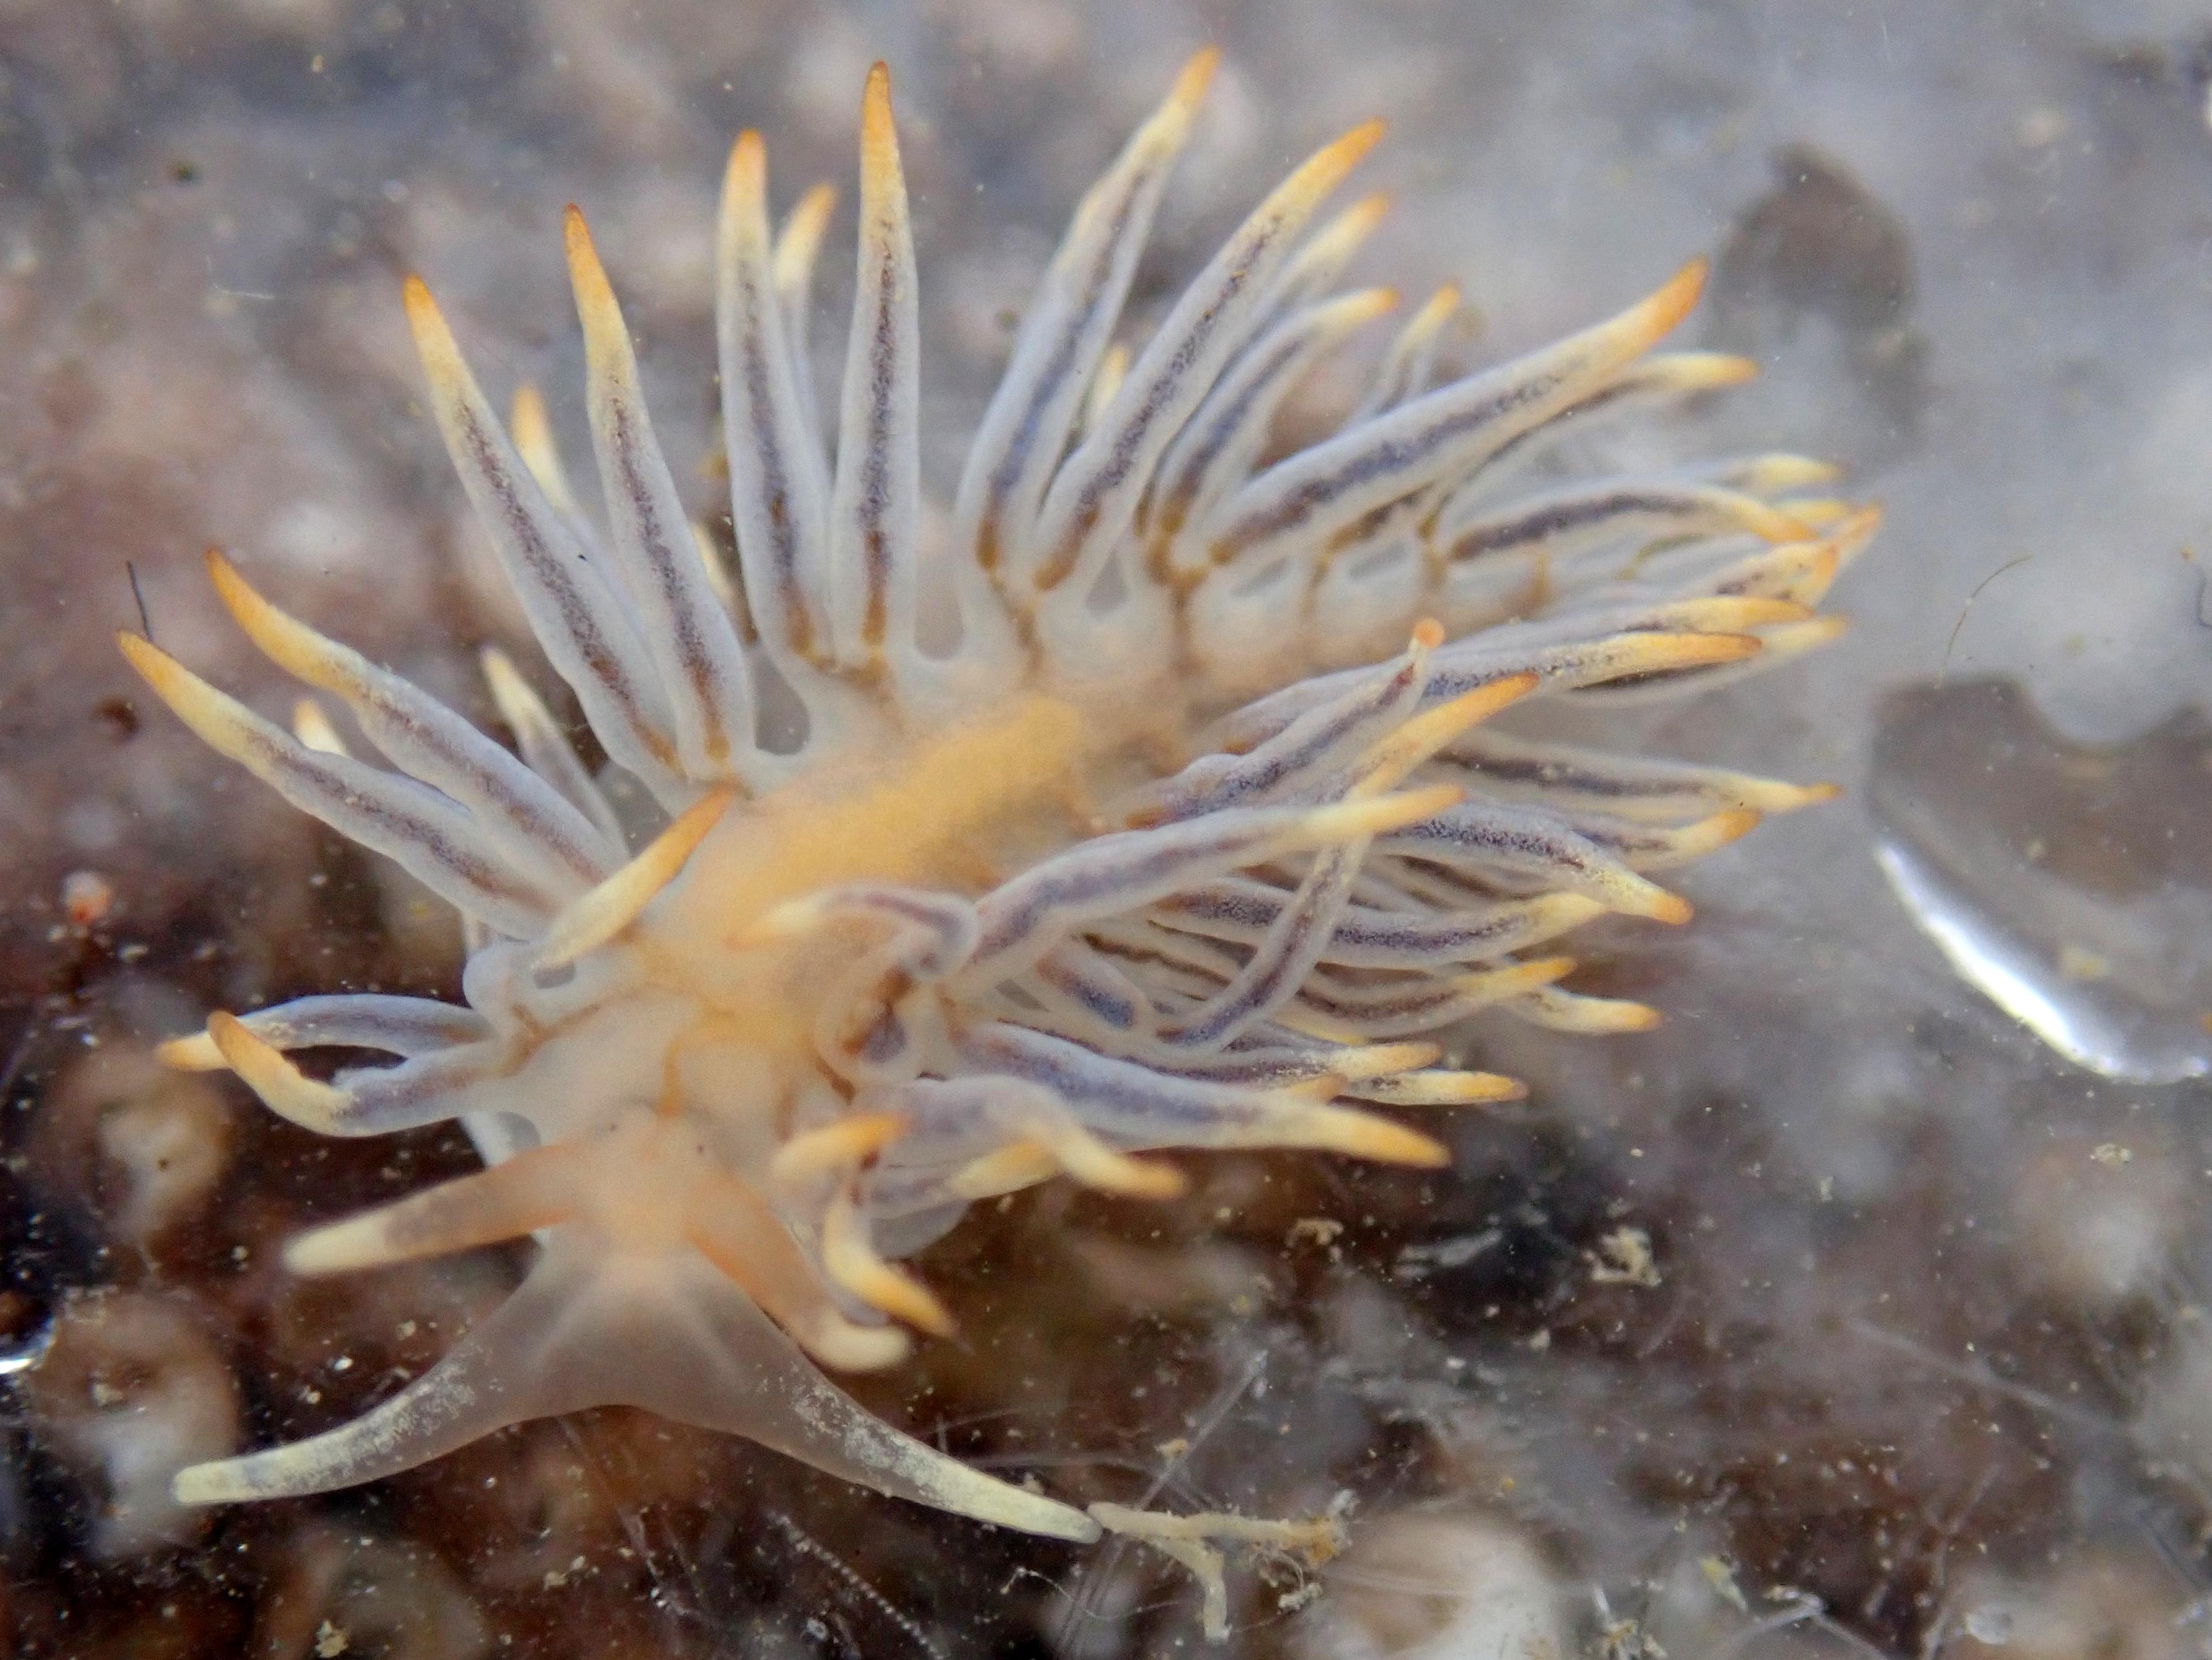 Calma glaucoides - a sea slug (nudibranch) that feeds on clingfish eggs.